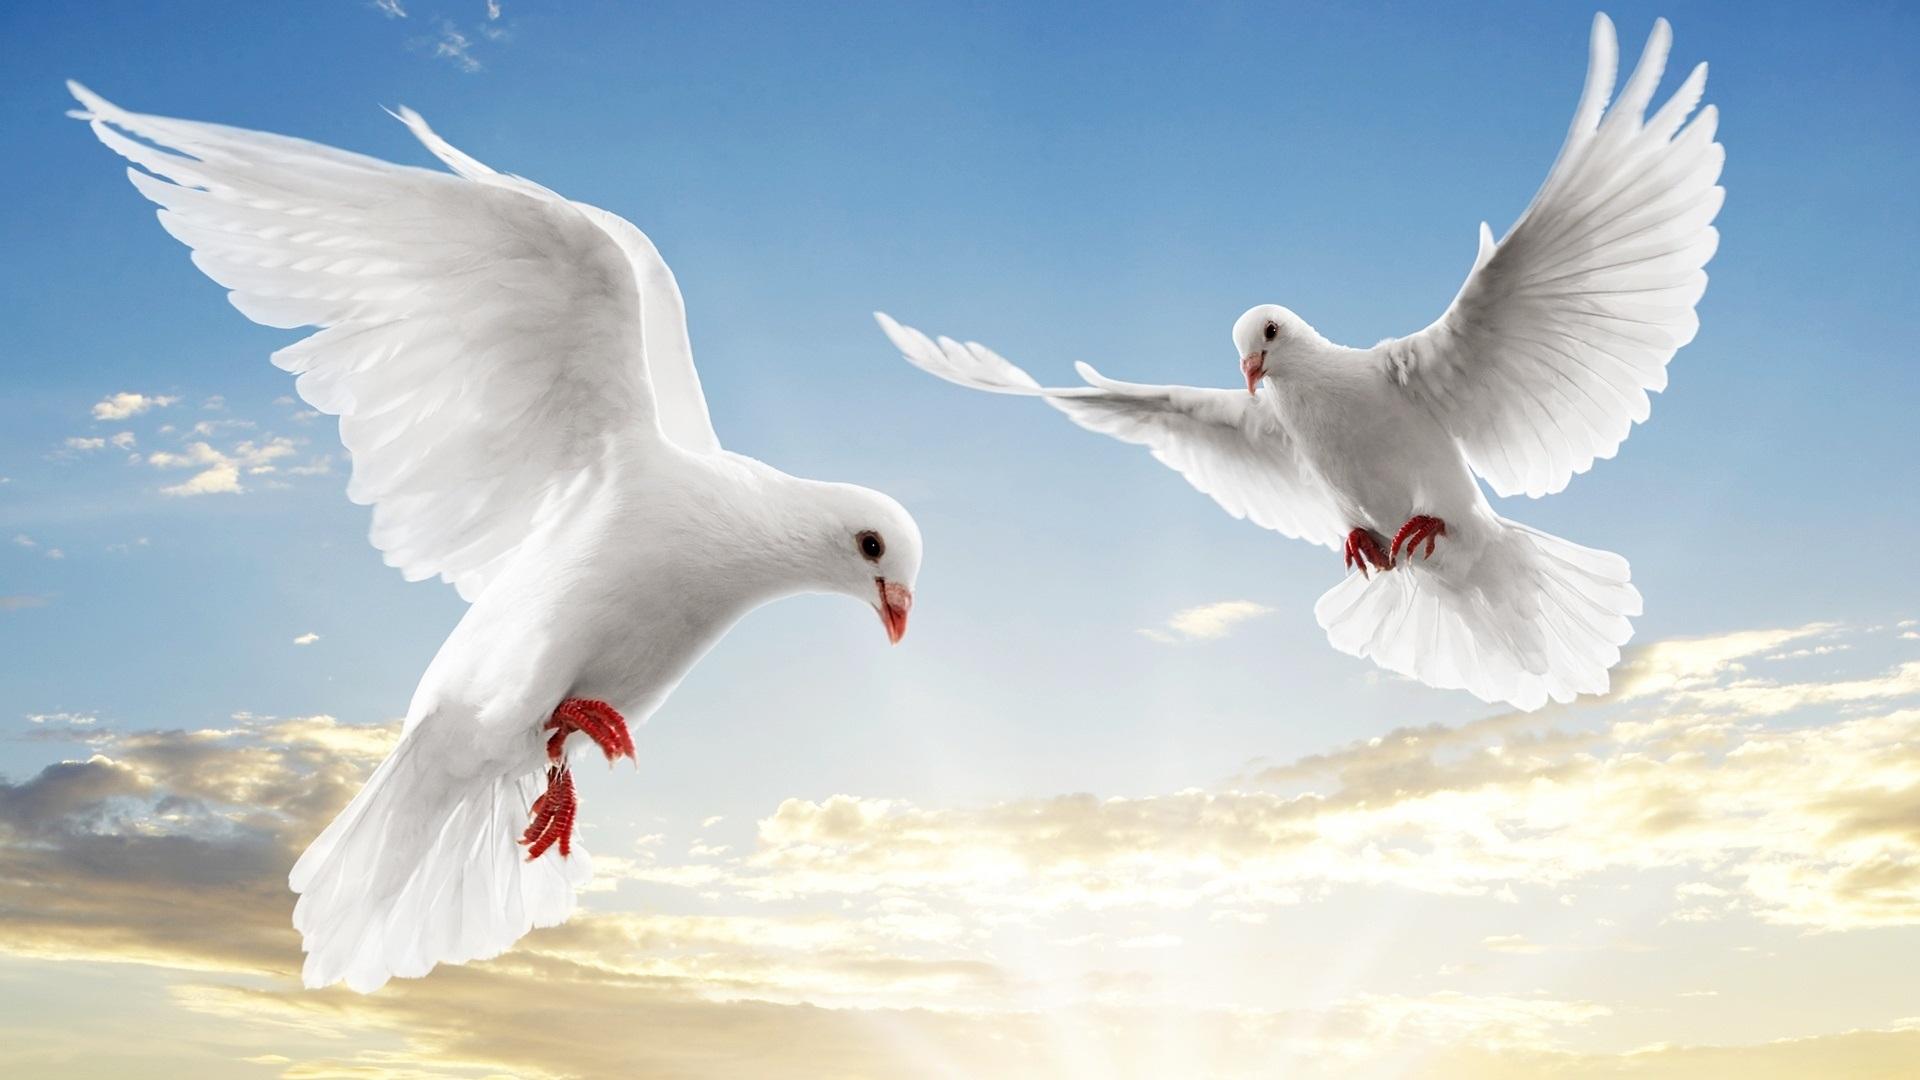 صوره صور عن السلام , كلمات عن السلام